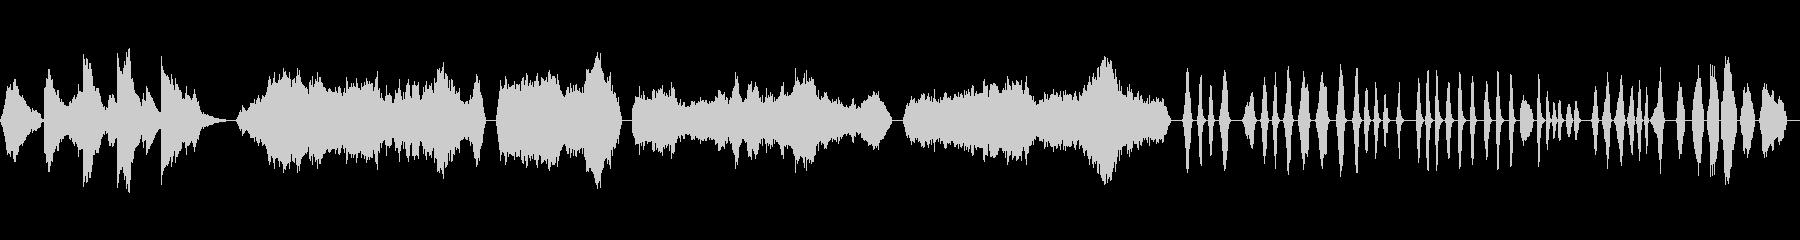 ジェット合成の未再生の波形